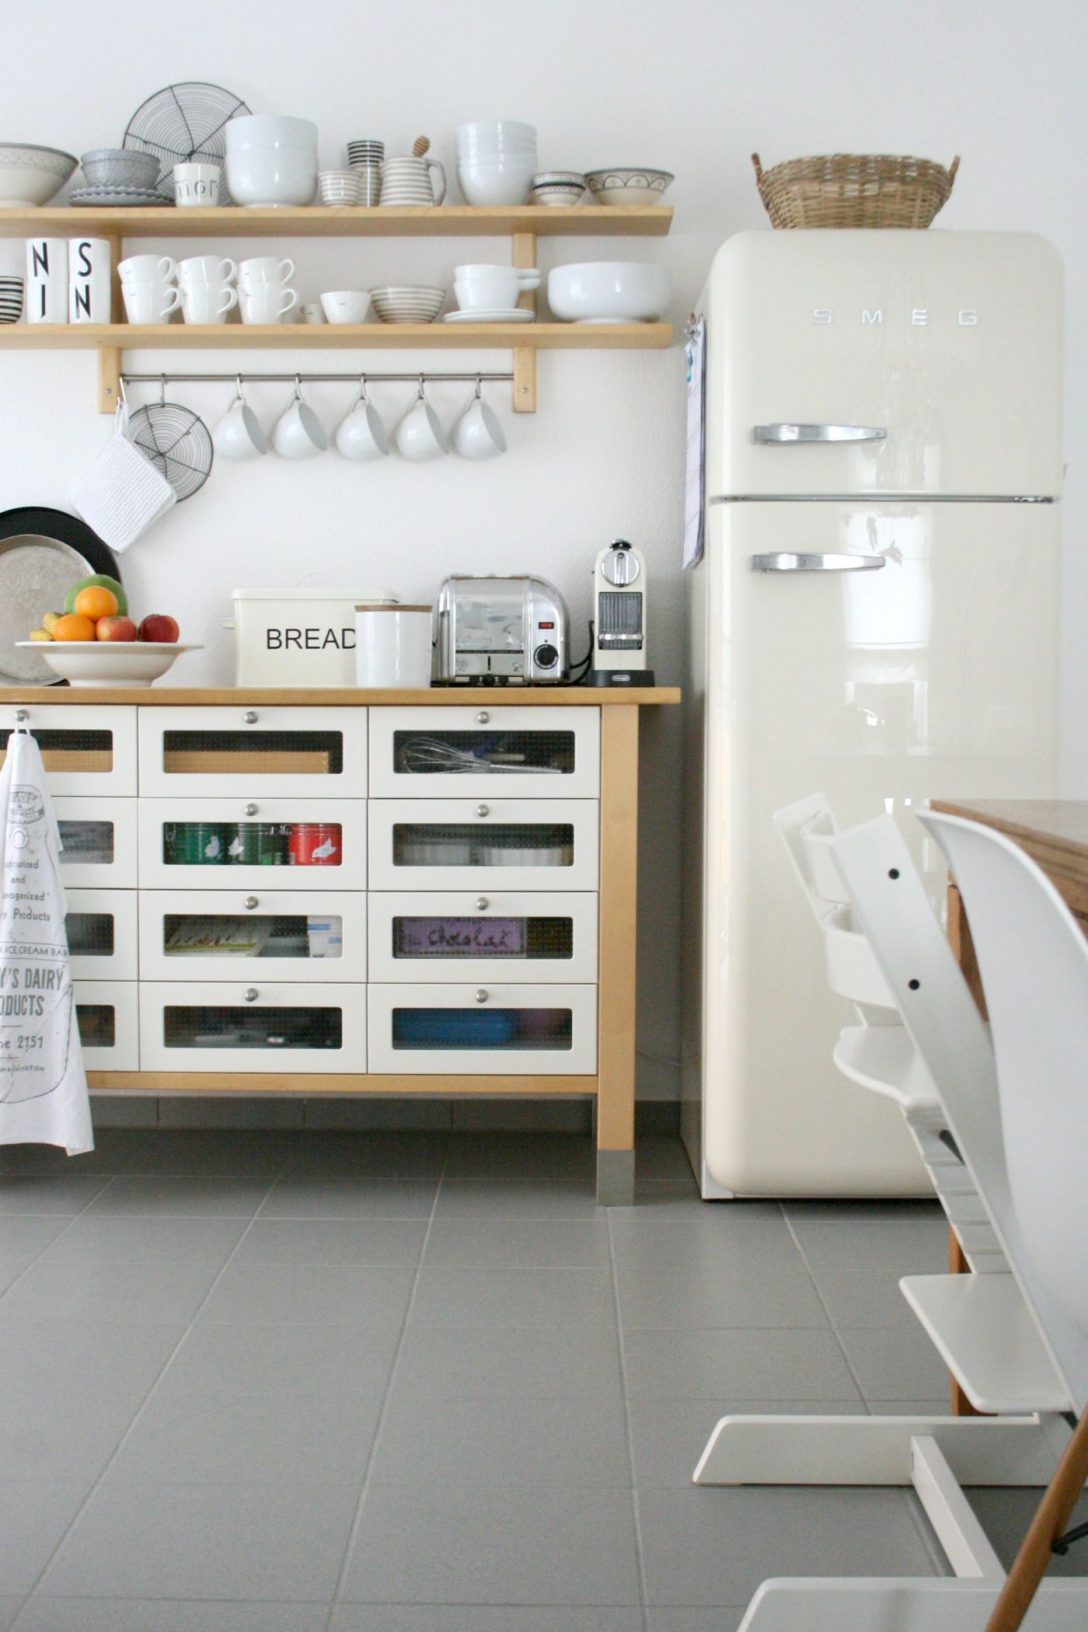 Large Size of Ikea Värde Schne Ideen Fr Das Vrde System Kche Modulküche Betten Bei Küche Kosten Miniküche 160x200 Kaufen Sofa Mit Schlaffunktion Wohnzimmer Ikea Värde